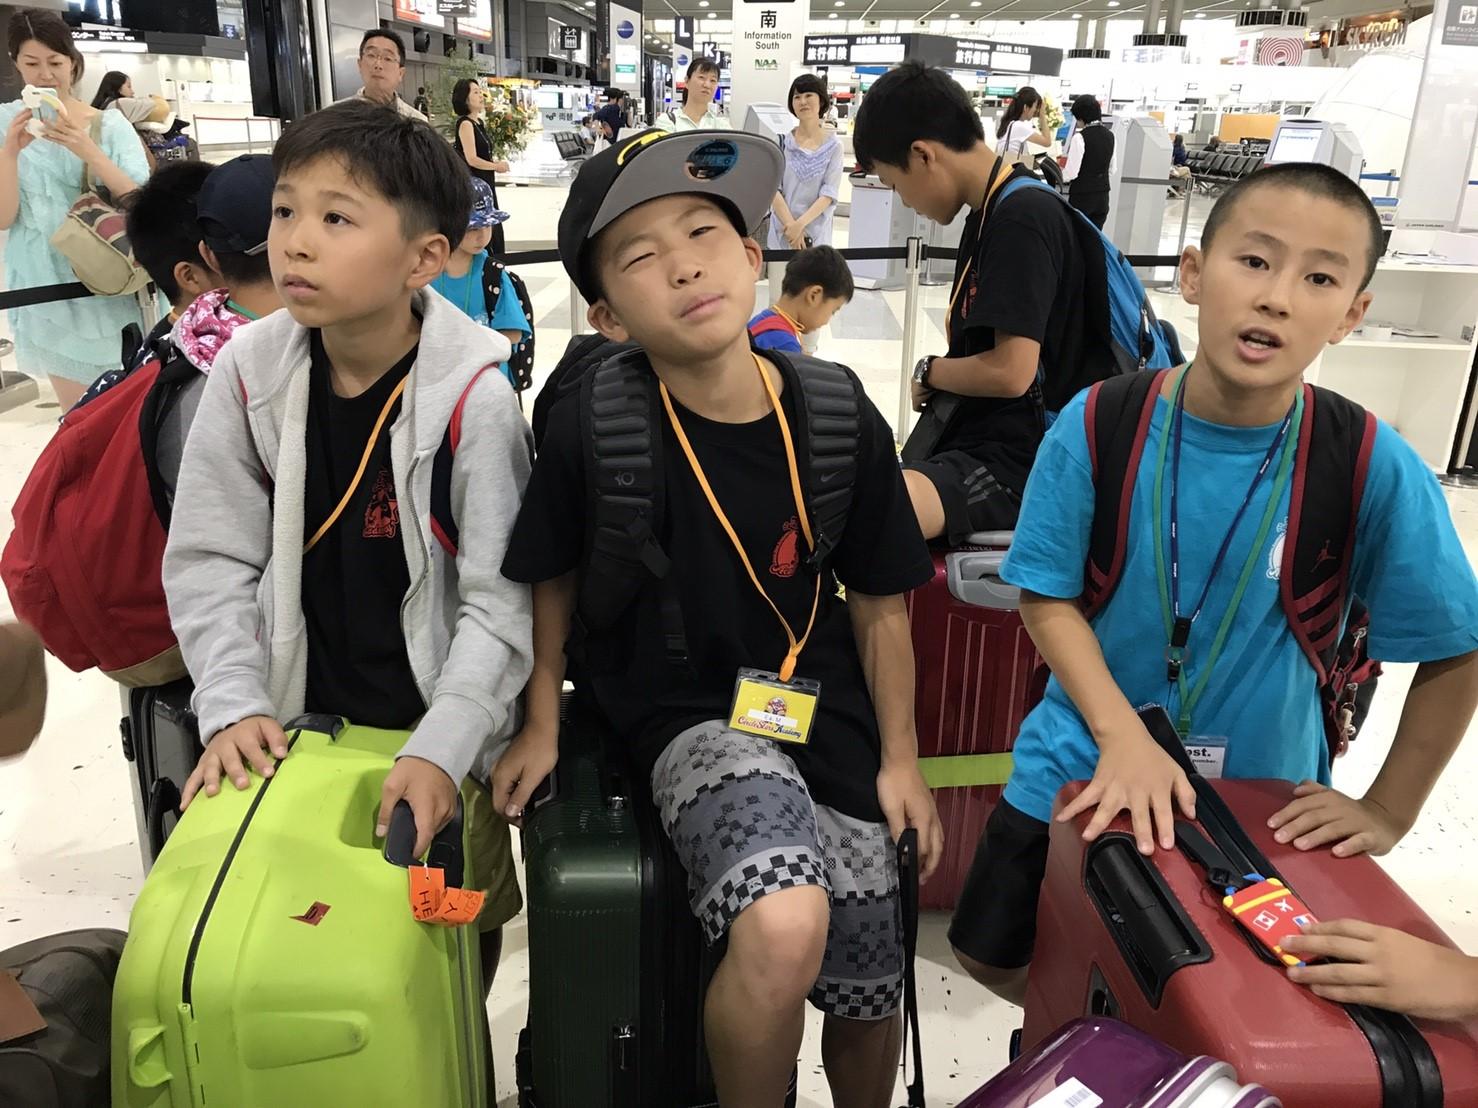 空港に着きました〜!